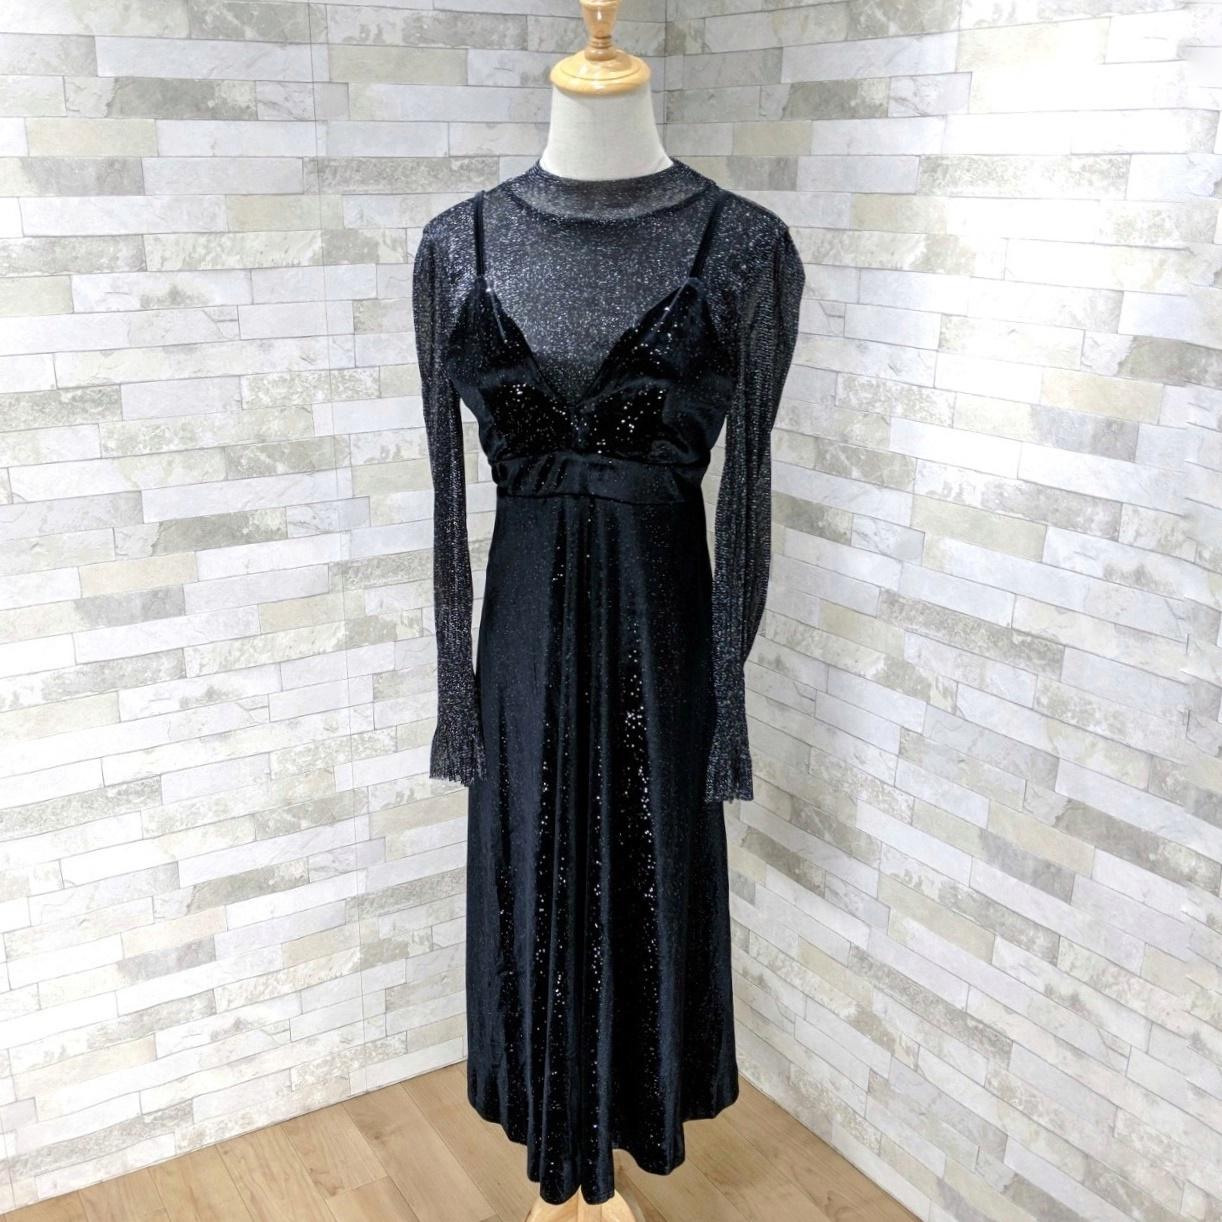 【即納】韓国 ファッション パーティードレス 結婚式 お呼ばれドレス セットアップ 春 秋 冬 パーティー ブライダル SPTXG143  シースルー ロングカフス キャミワ 二次会 セレブ きれいめの写真10枚目